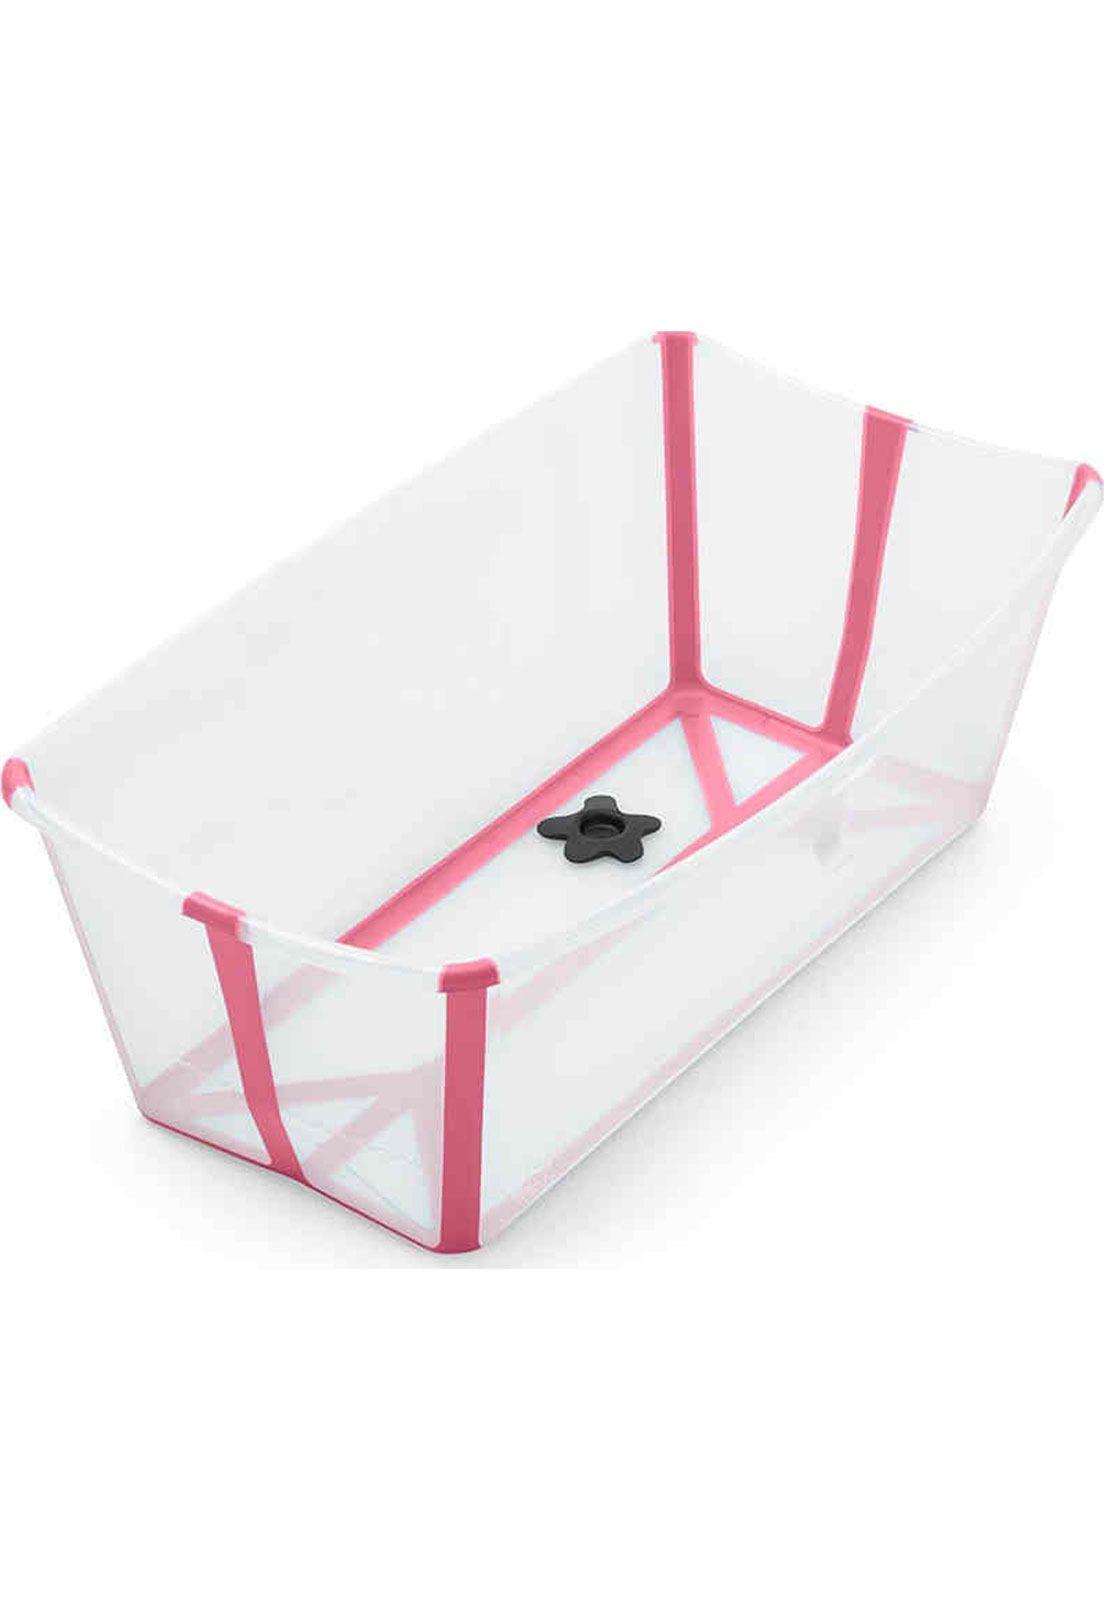 Banheira flexível Transparente rosa - Stokke